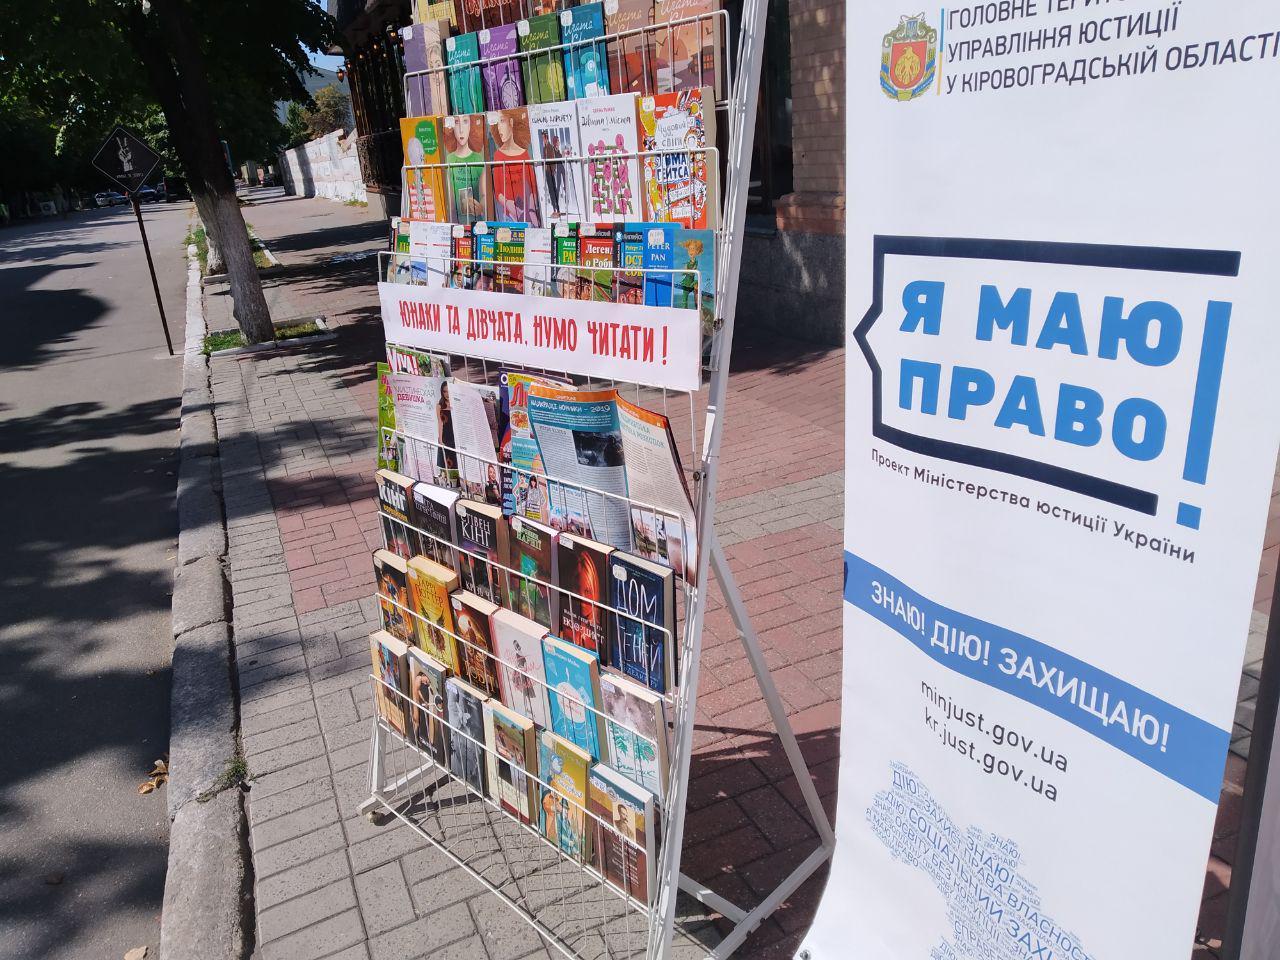 У Кропивницькому відзначили міжнародний день молоді (ФОТО)